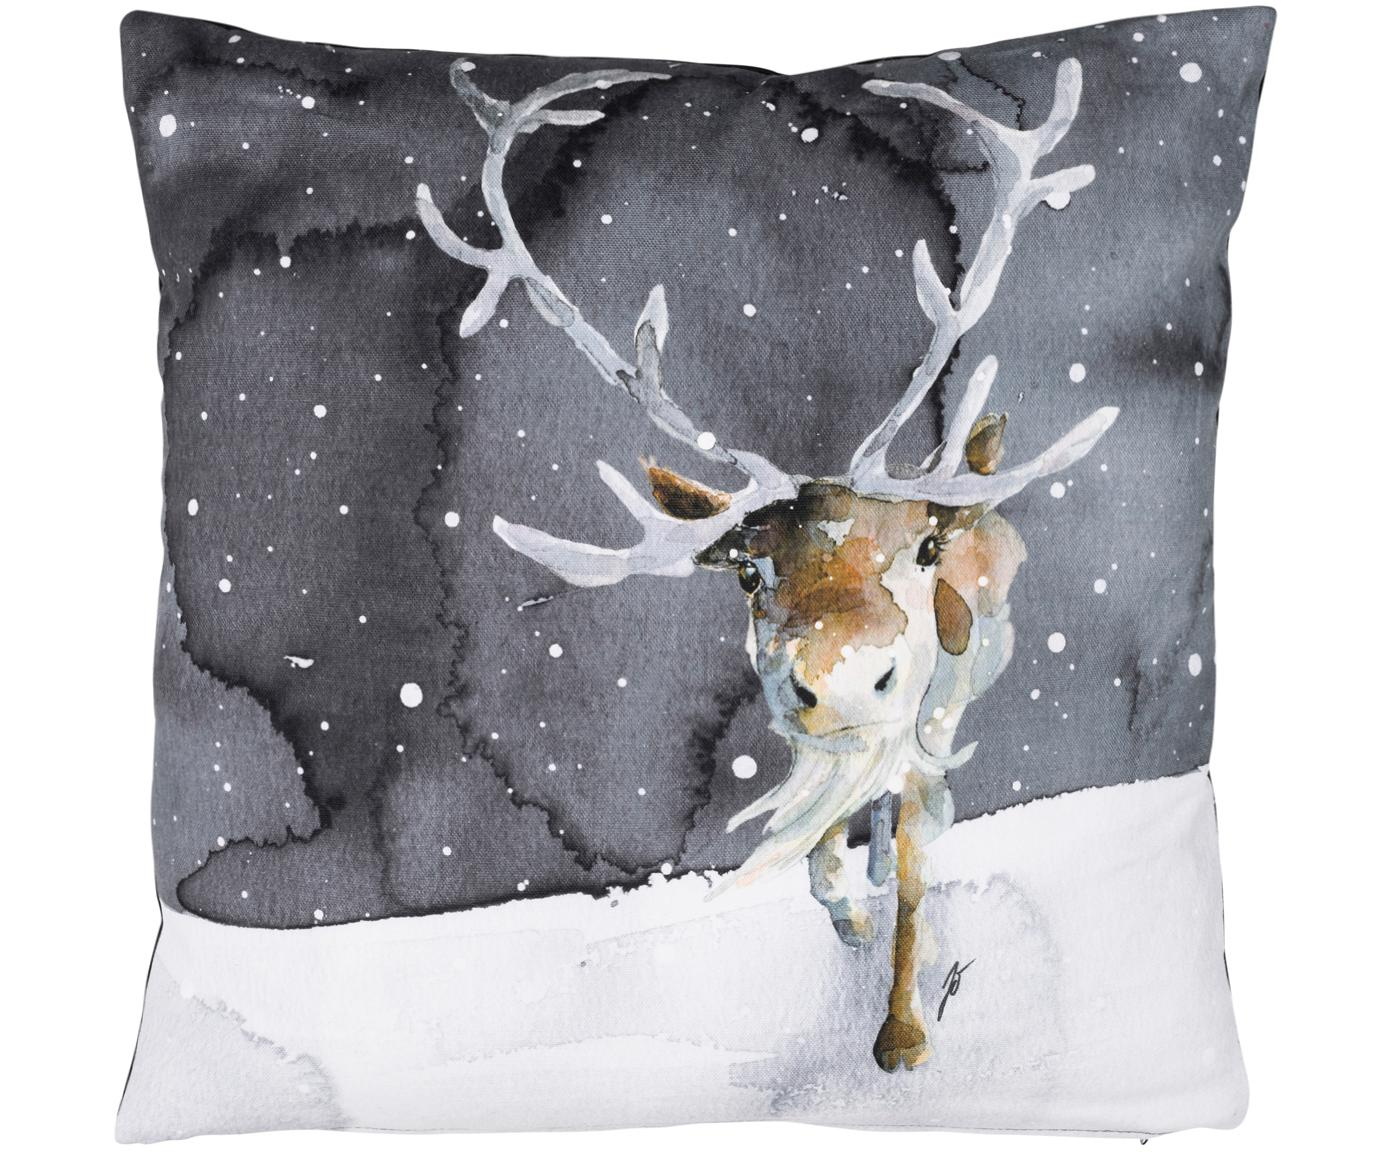 Kissen Rae mit winterlichem Motiv, mit Inlett, Bezug: Baumwolle, Vorderseite: Grau, Weiß, Beigetöne  Rückseite: Weiß, 50 x 50 cm